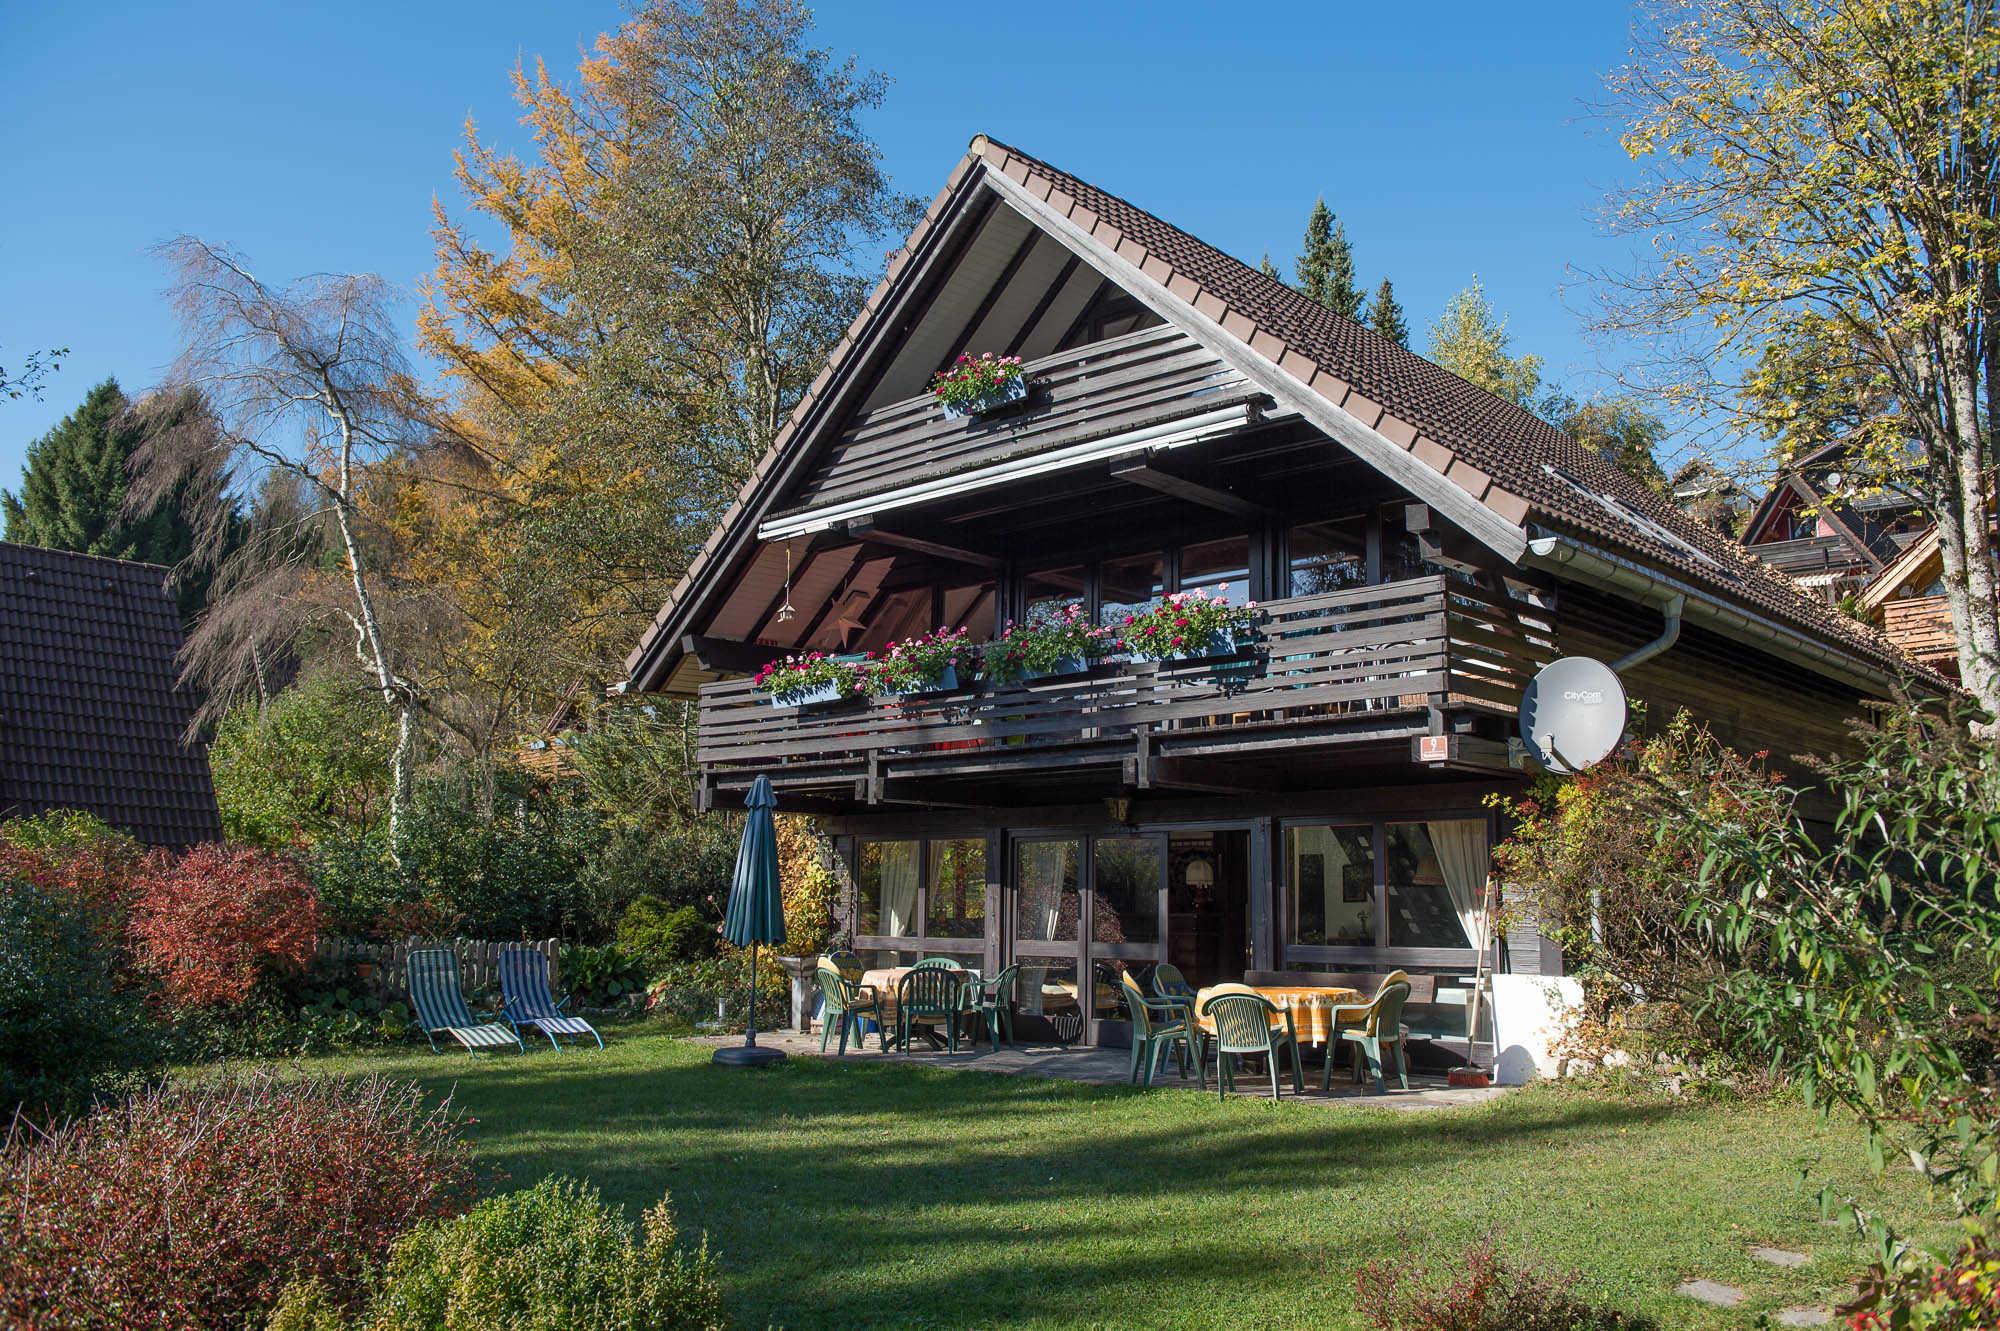 Meran - Haus mit Garten